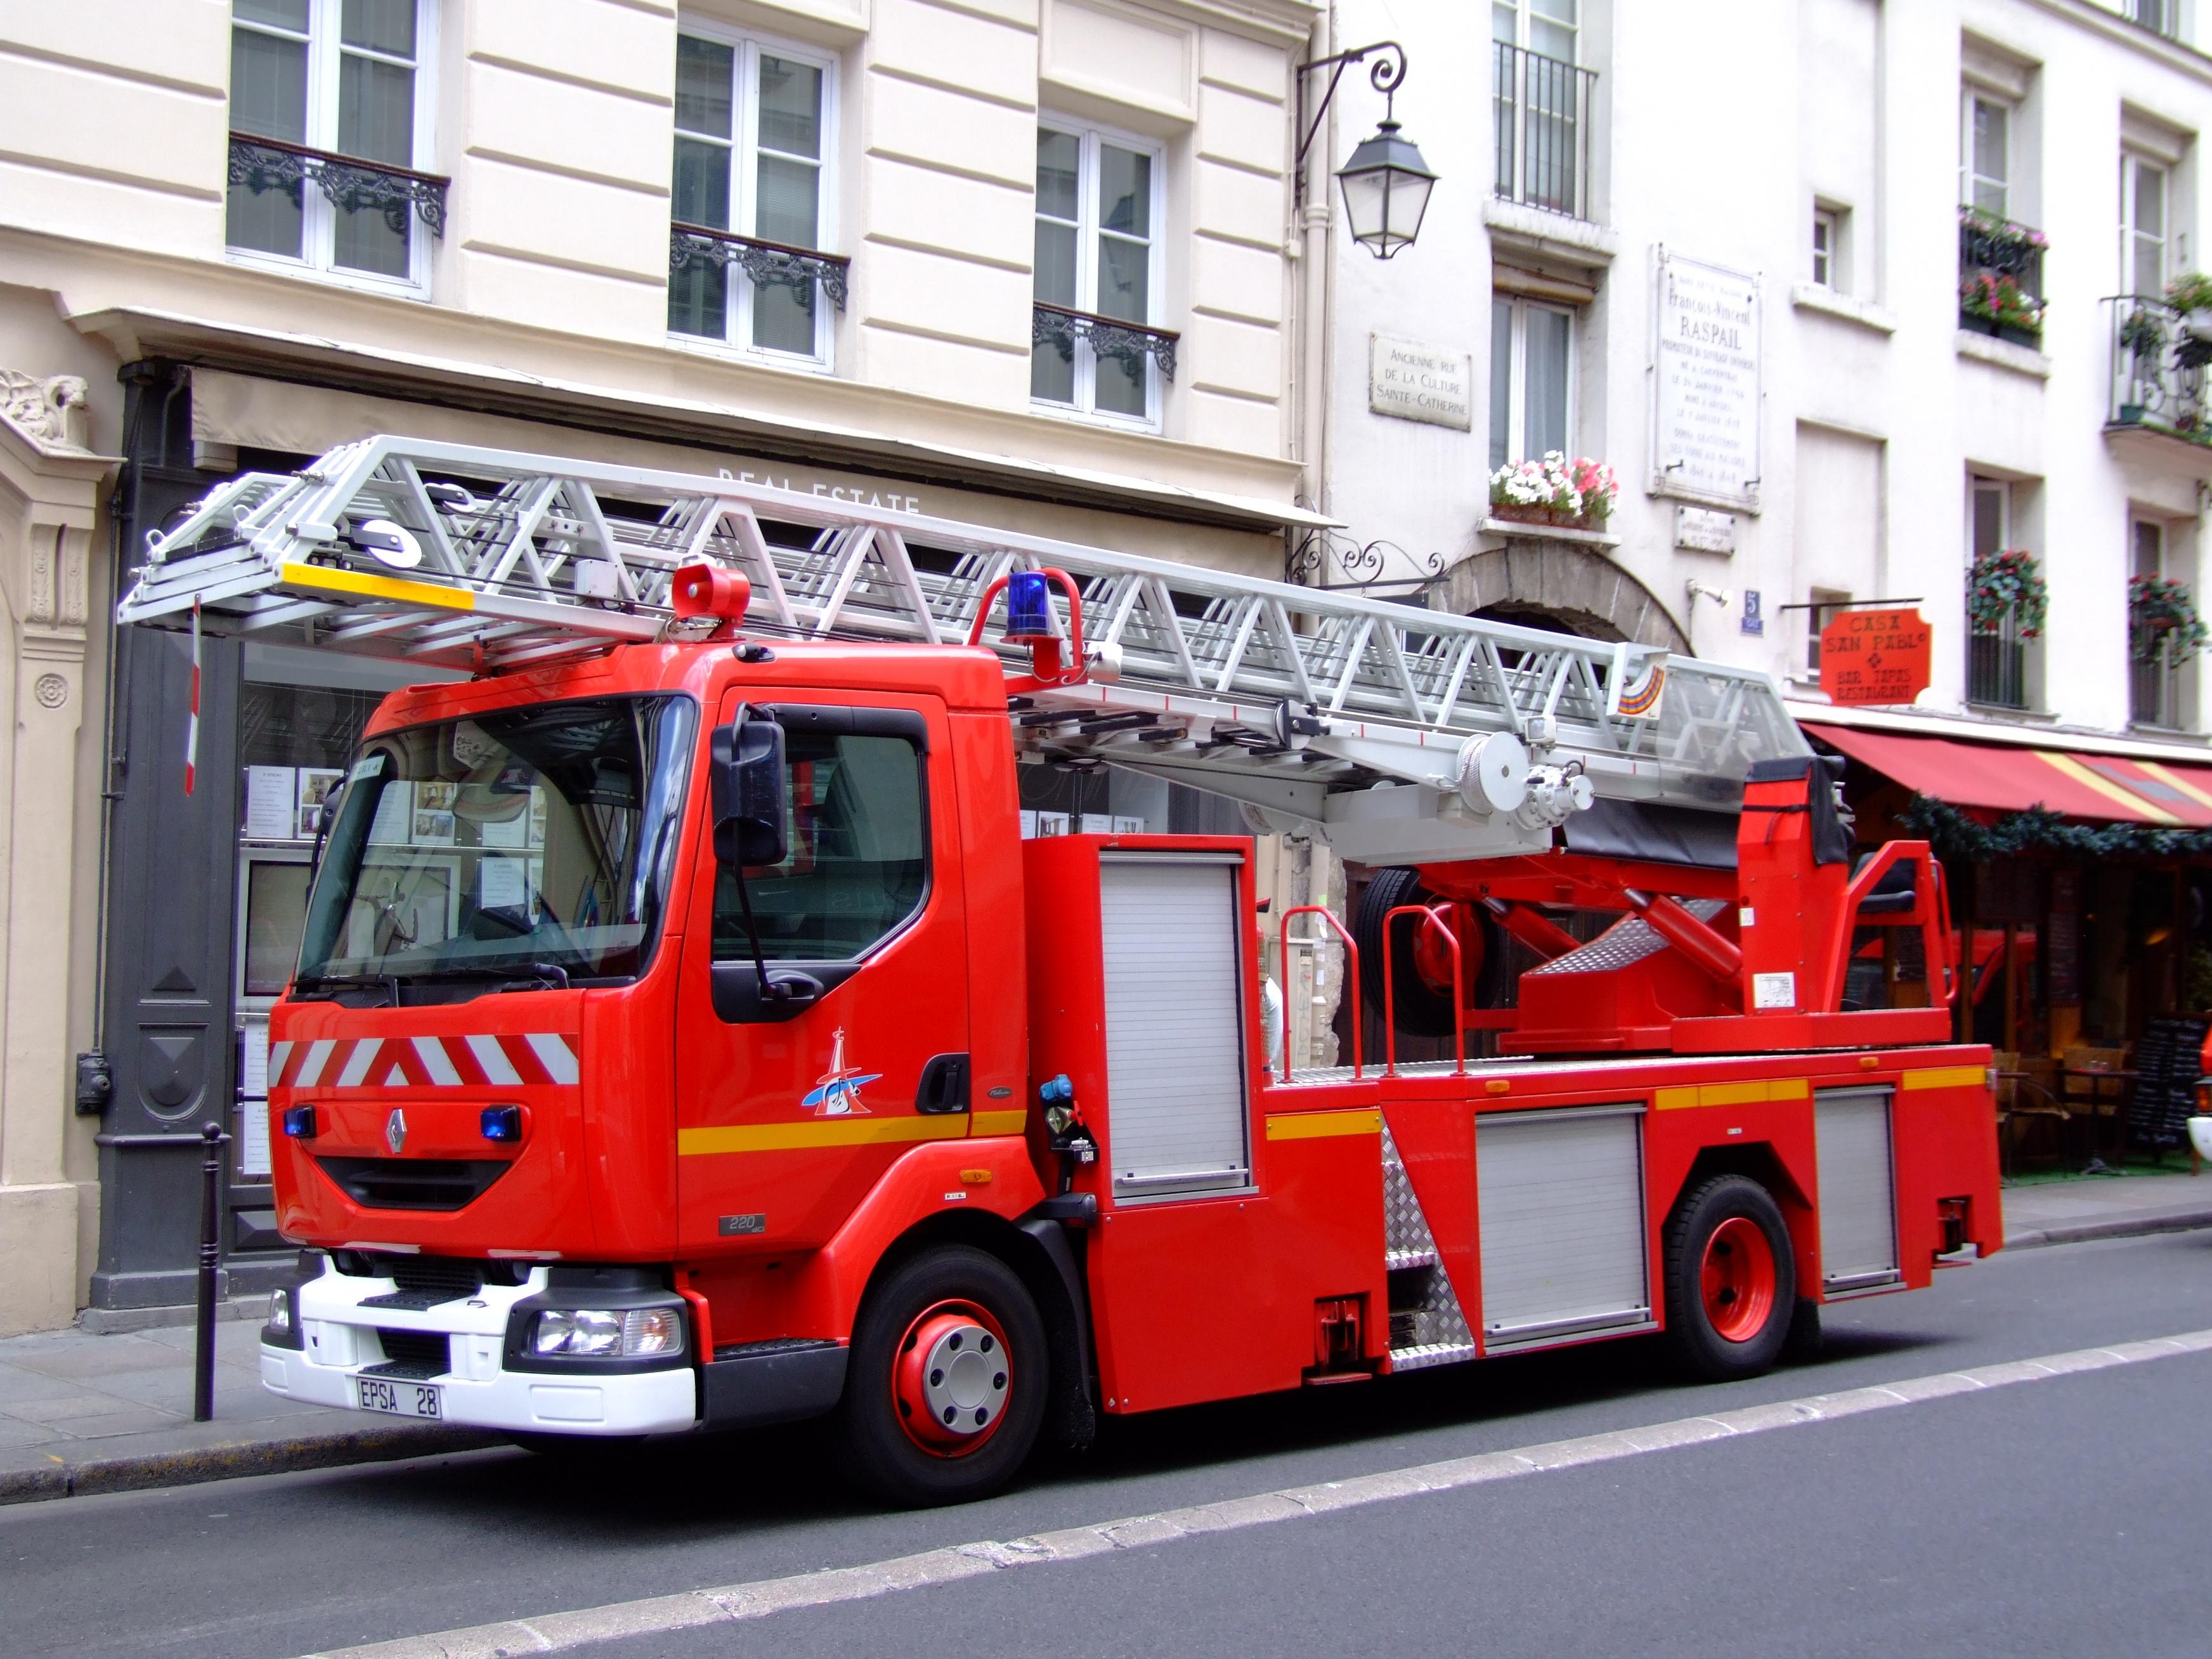 file sapeurs pompiers de paris renault 220 dci jpg wikimedia commons. Black Bedroom Furniture Sets. Home Design Ideas